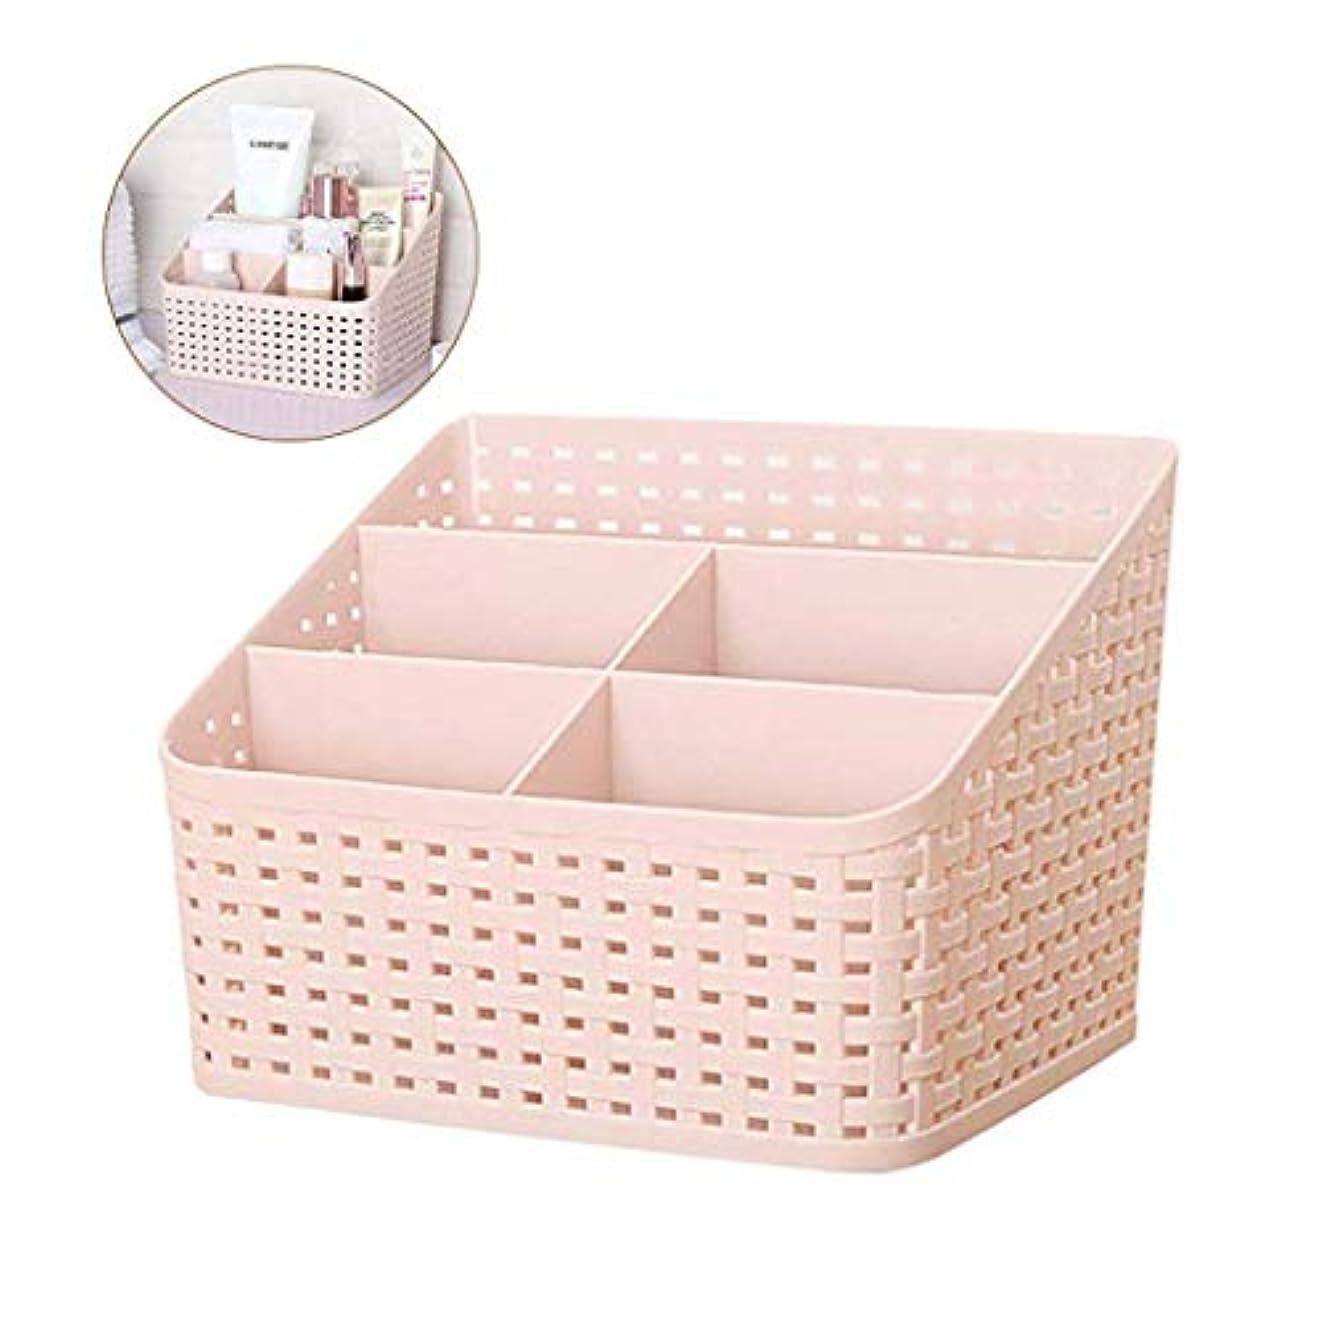 実行可能複数バランスのとれた籐多色化粧品収納ボックス多機能学生ブックデスクトップゴミ選別ボックス (Color : Pink)